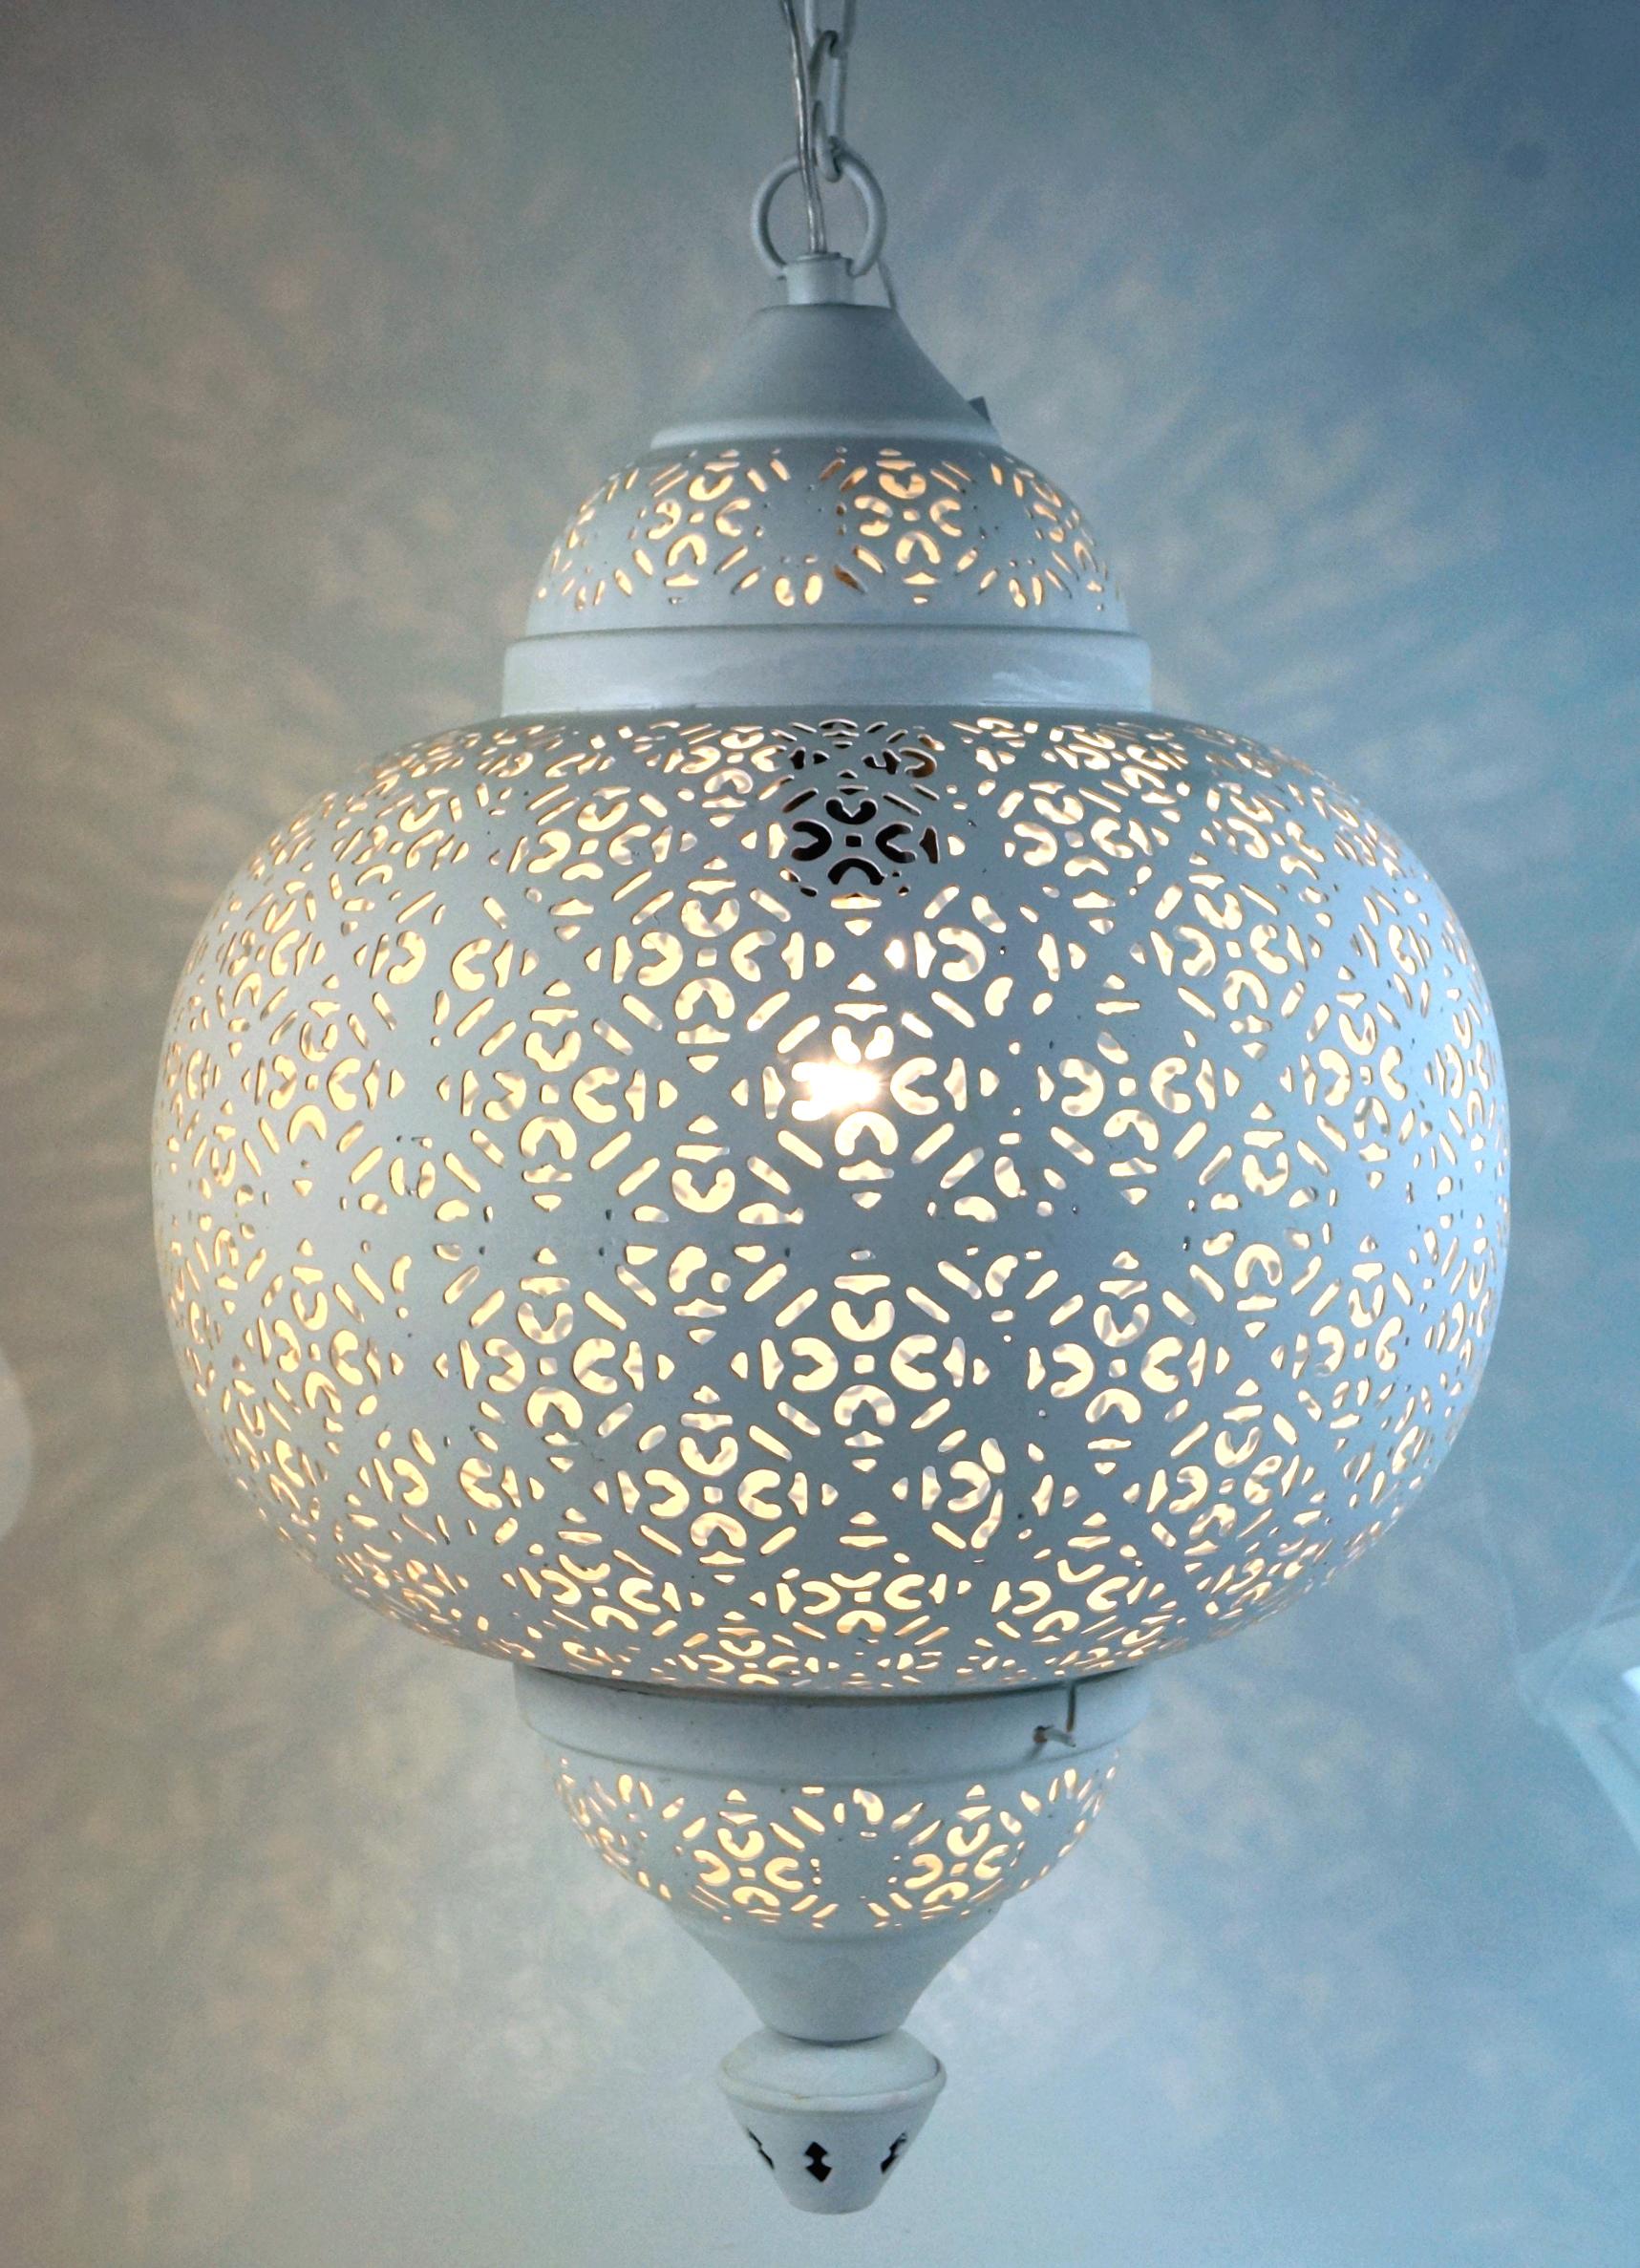 orient lampen flair fr zuhause mrchenhafte reisen with orient lampen orient marokko. Black Bedroom Furniture Sets. Home Design Ideas